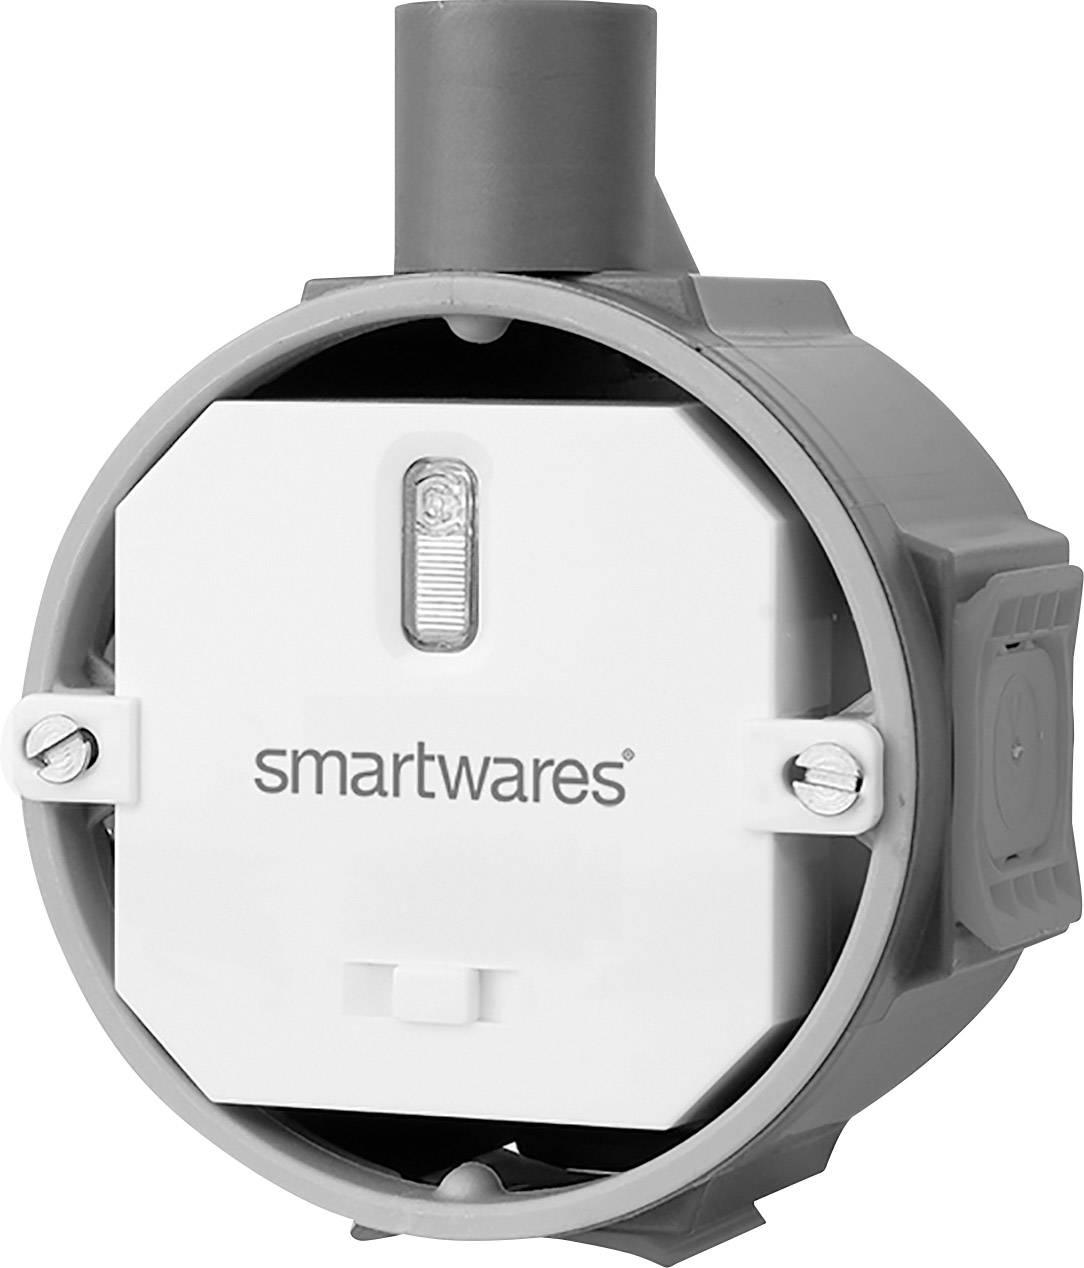 Bezdrôtový spínač Smartwares SH5-RBS-10A, Max. dosah 50 m